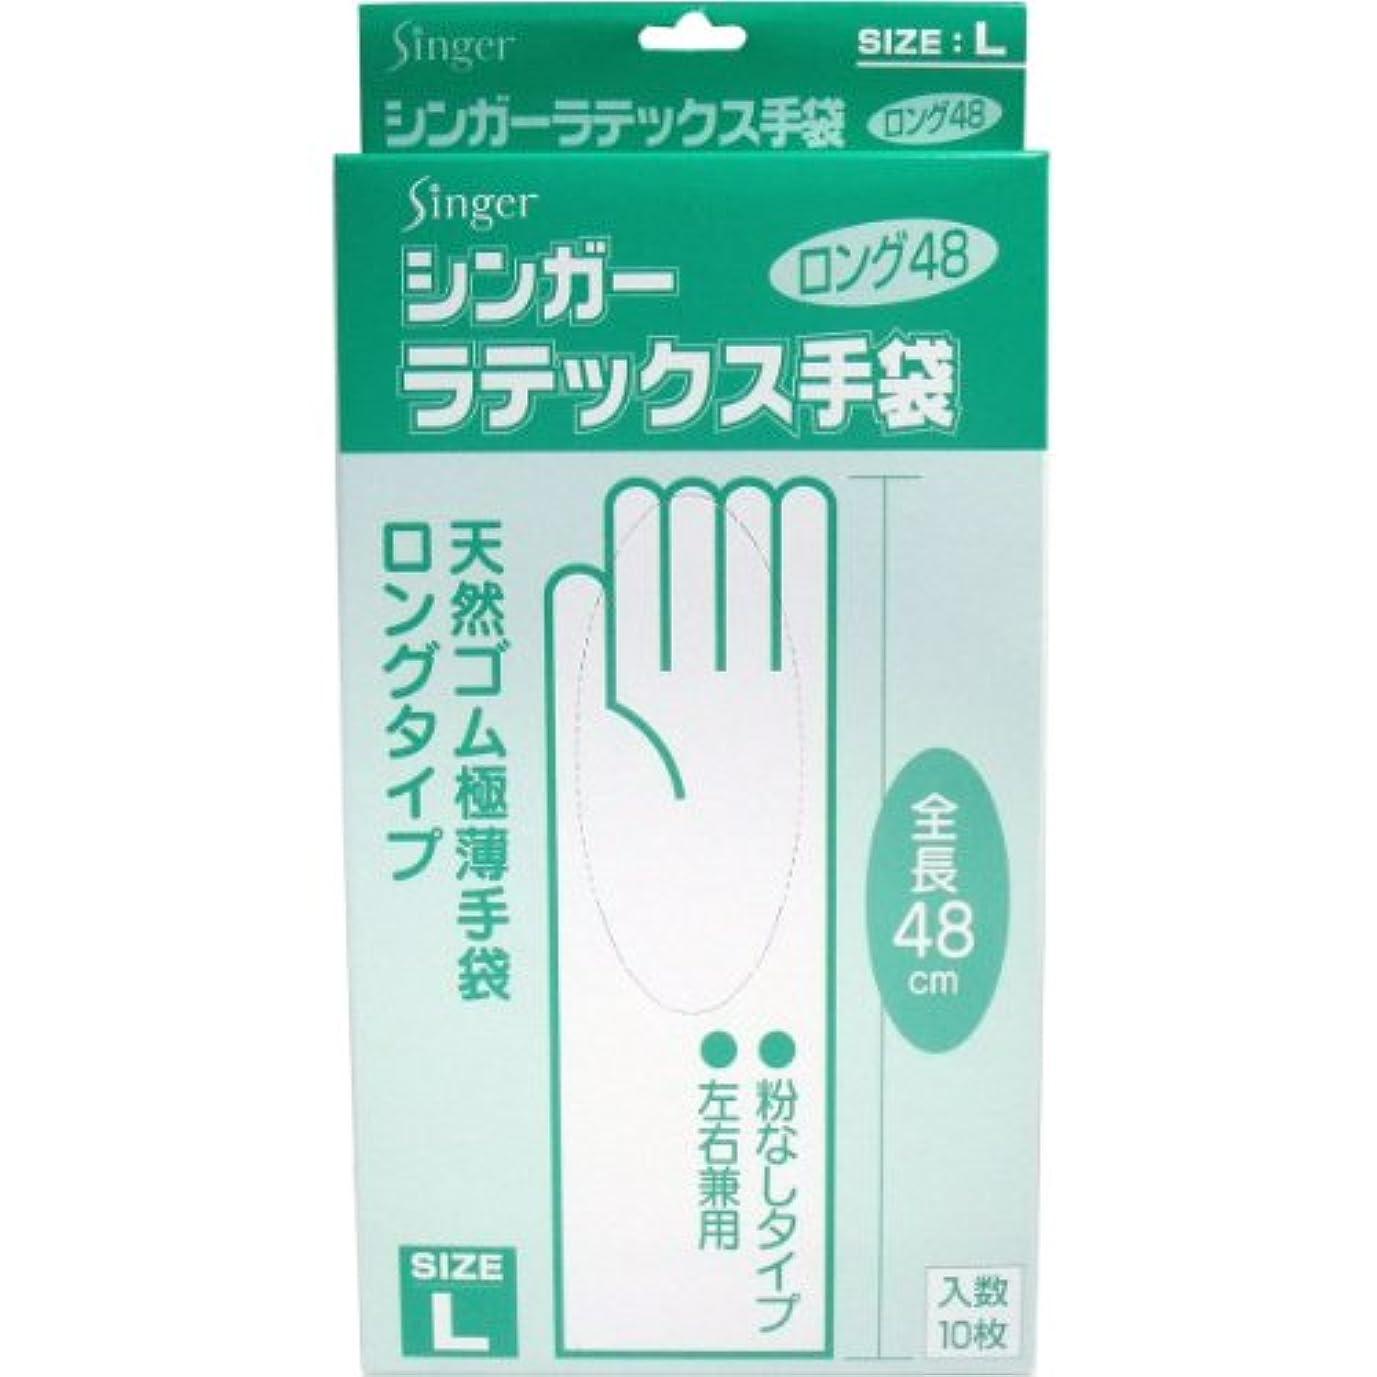 ミュウミュウ洗練された水没シンガーラテックス手袋 天然ゴム極薄手袋 ロングタイプ Lサイズ 10枚入